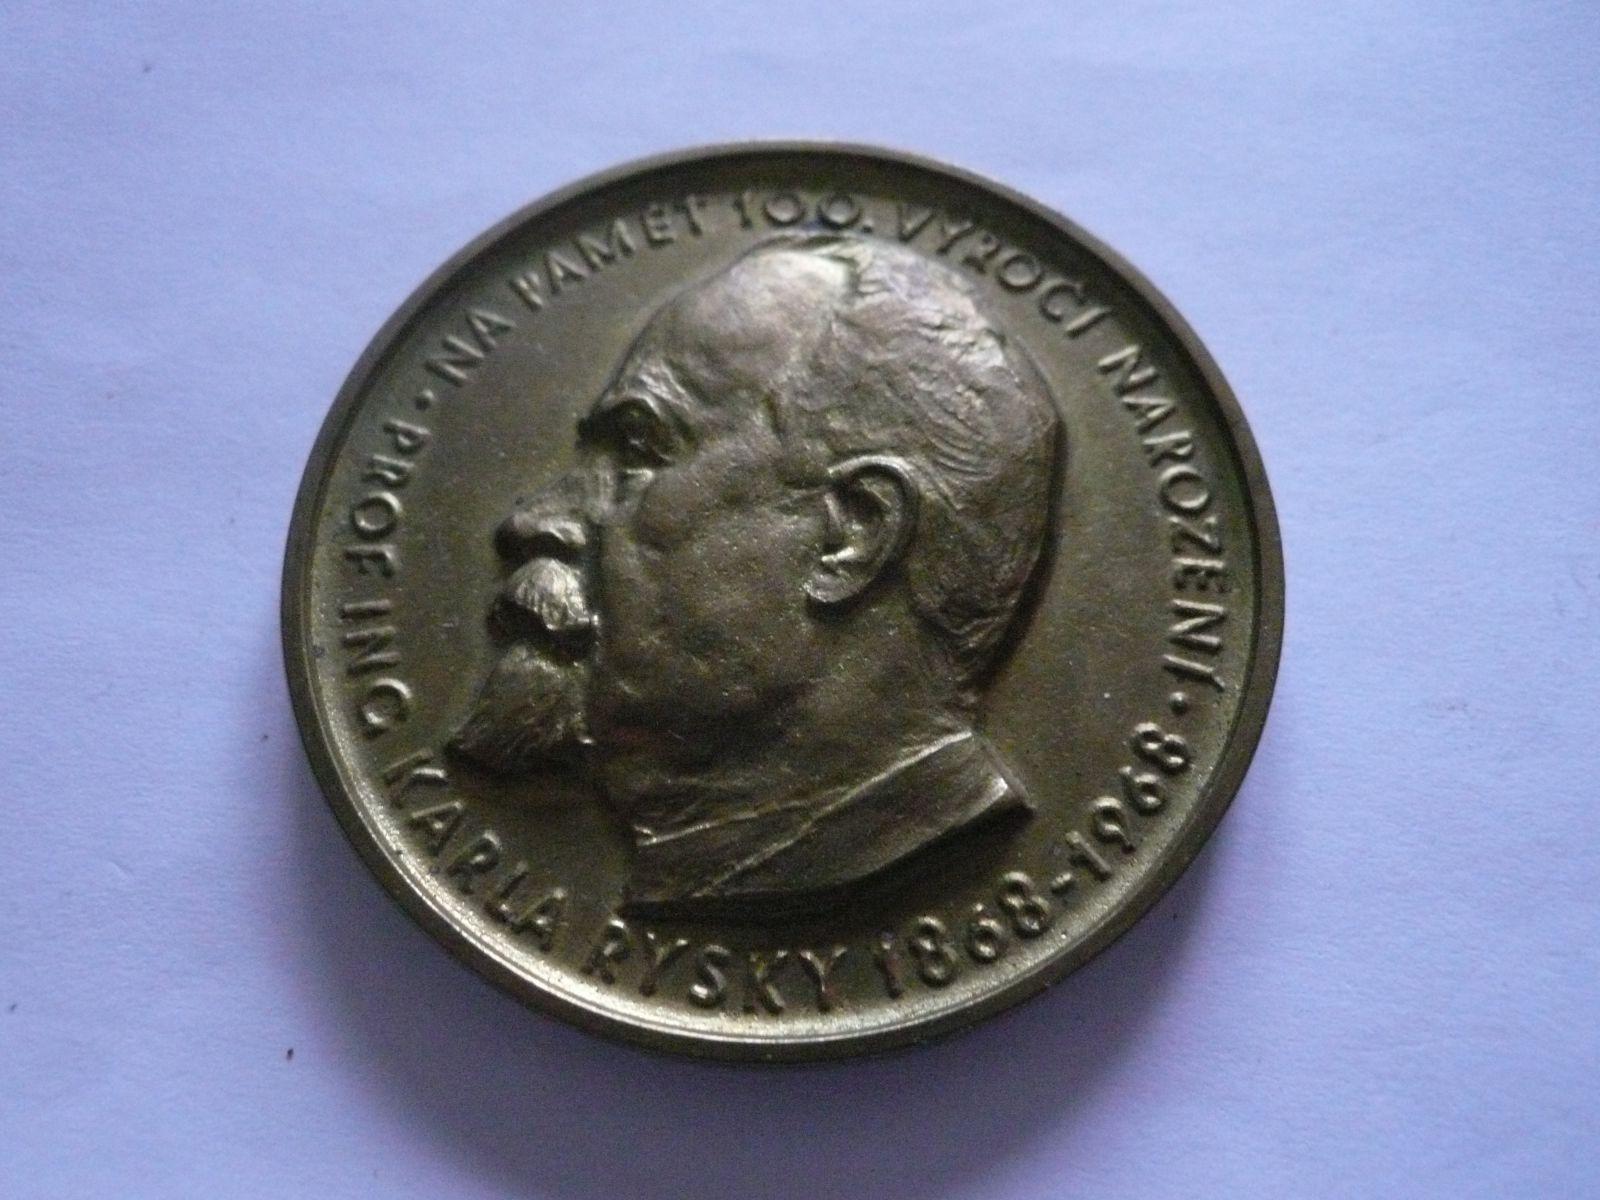 100 let Karel Ryska, 1968, ČSR